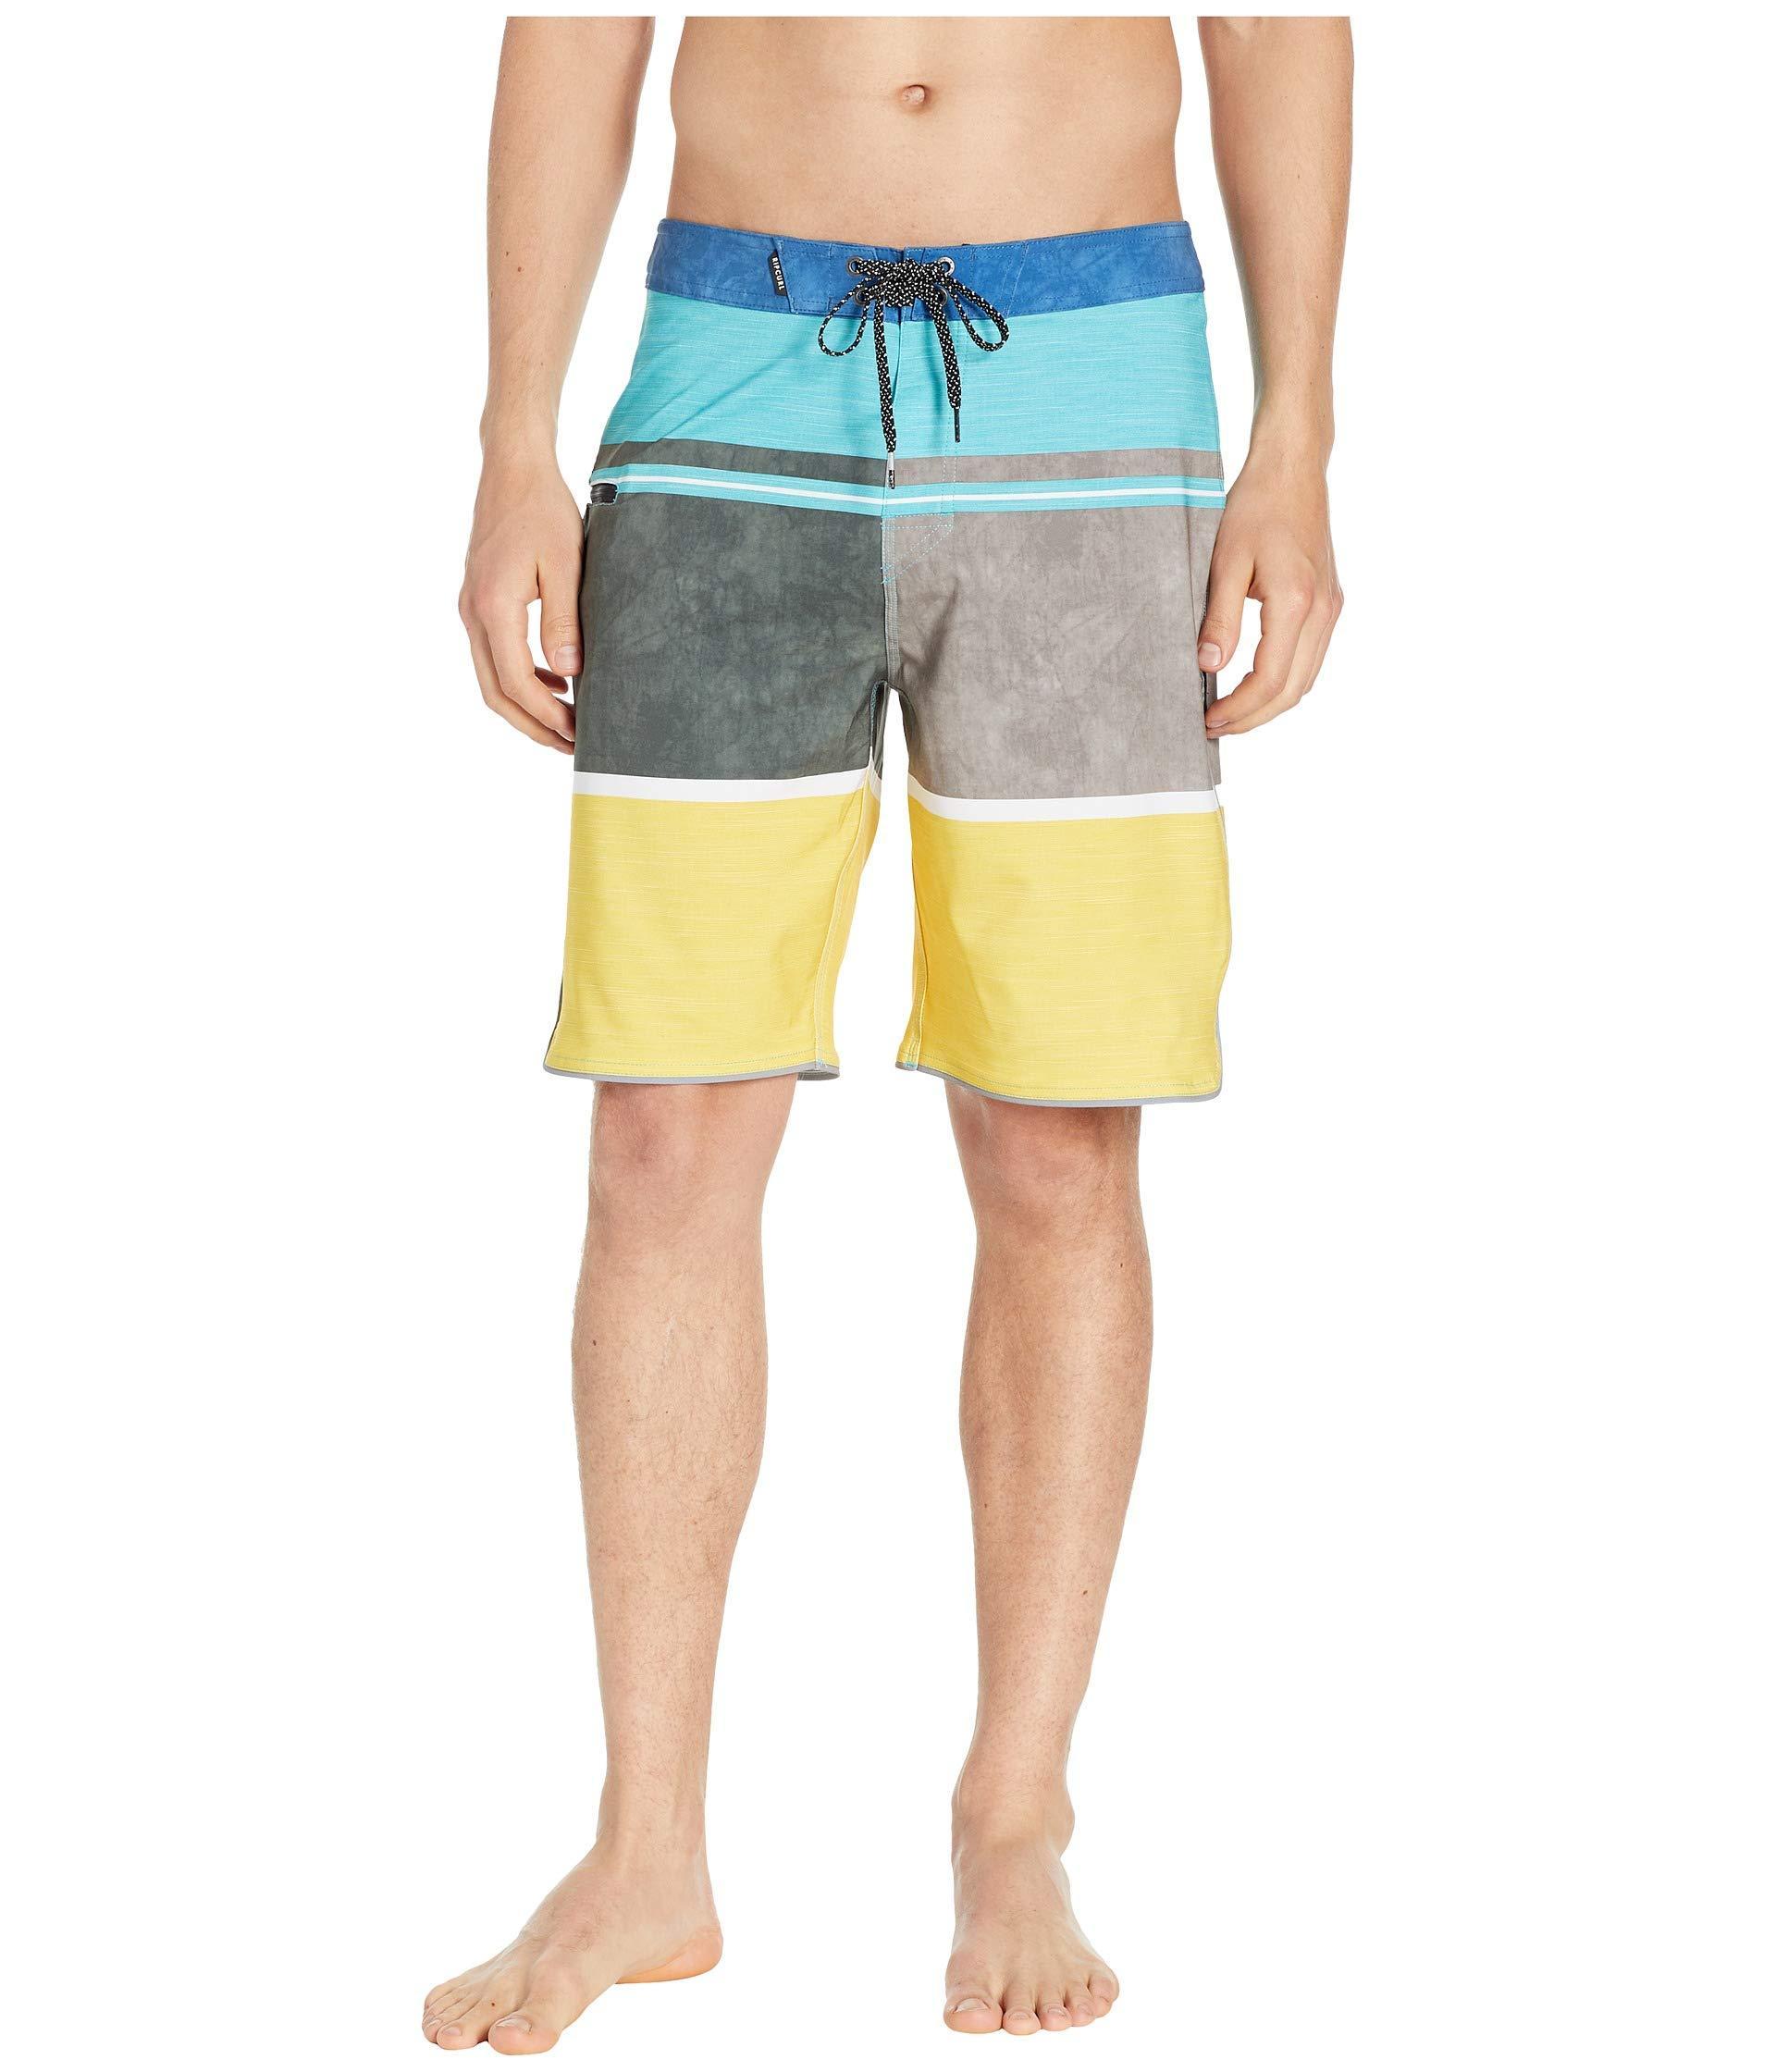 d64e09bf2d Lyst - Rip Curl Mirage Shelter Boardshorts (blue) Men's Swimwear in ...